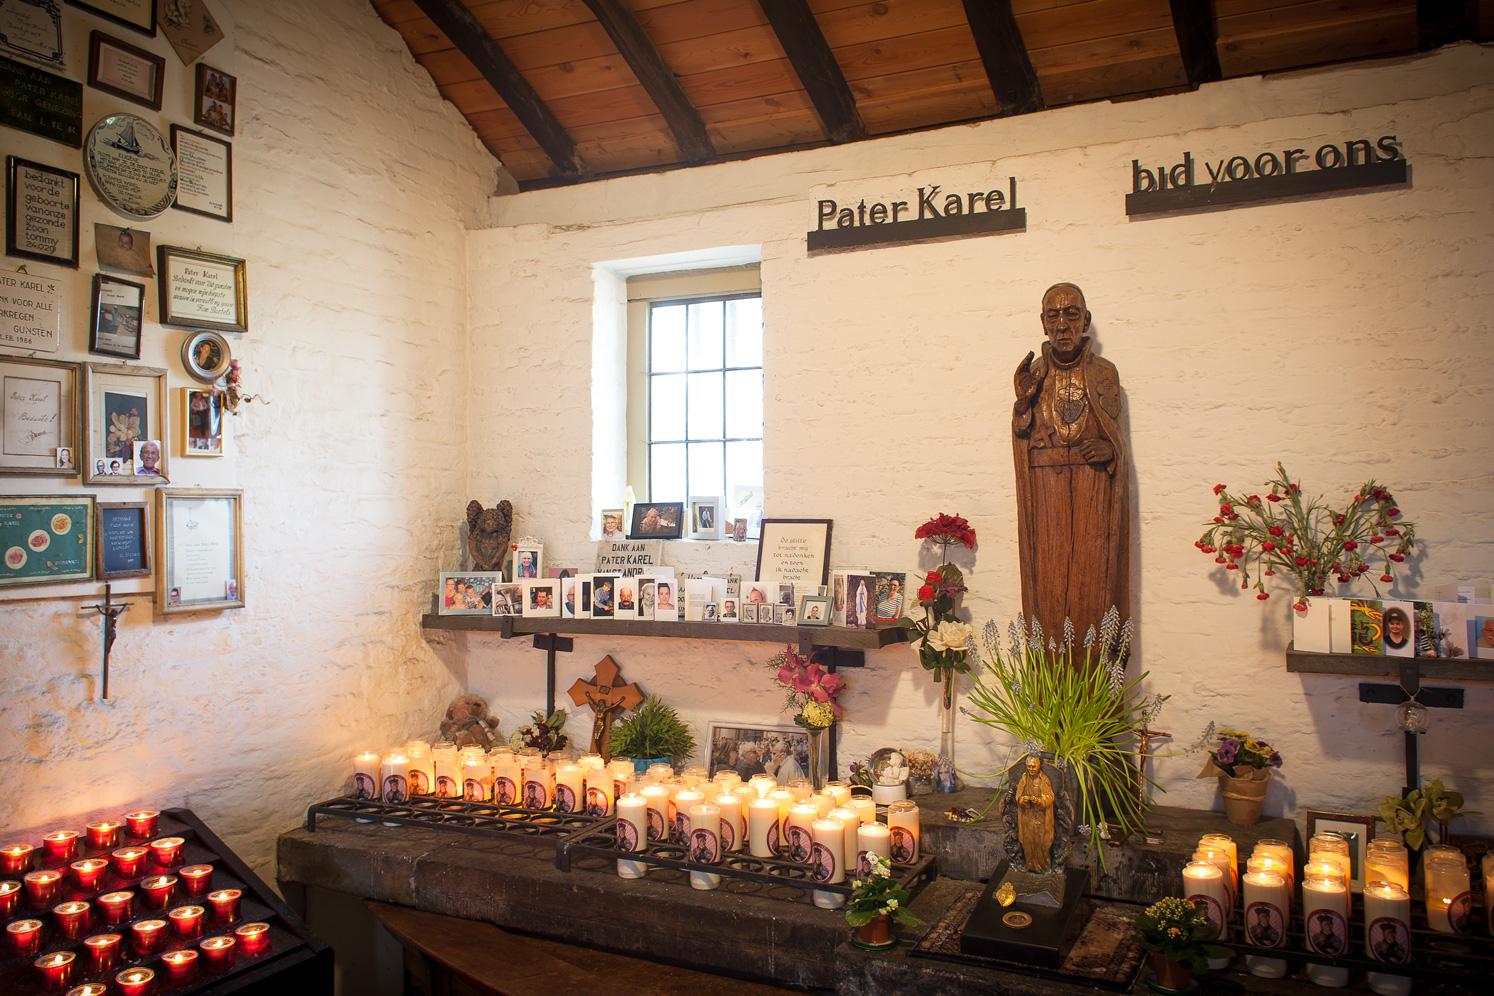 Karel Kapel met een houten beeld van Pater Karel